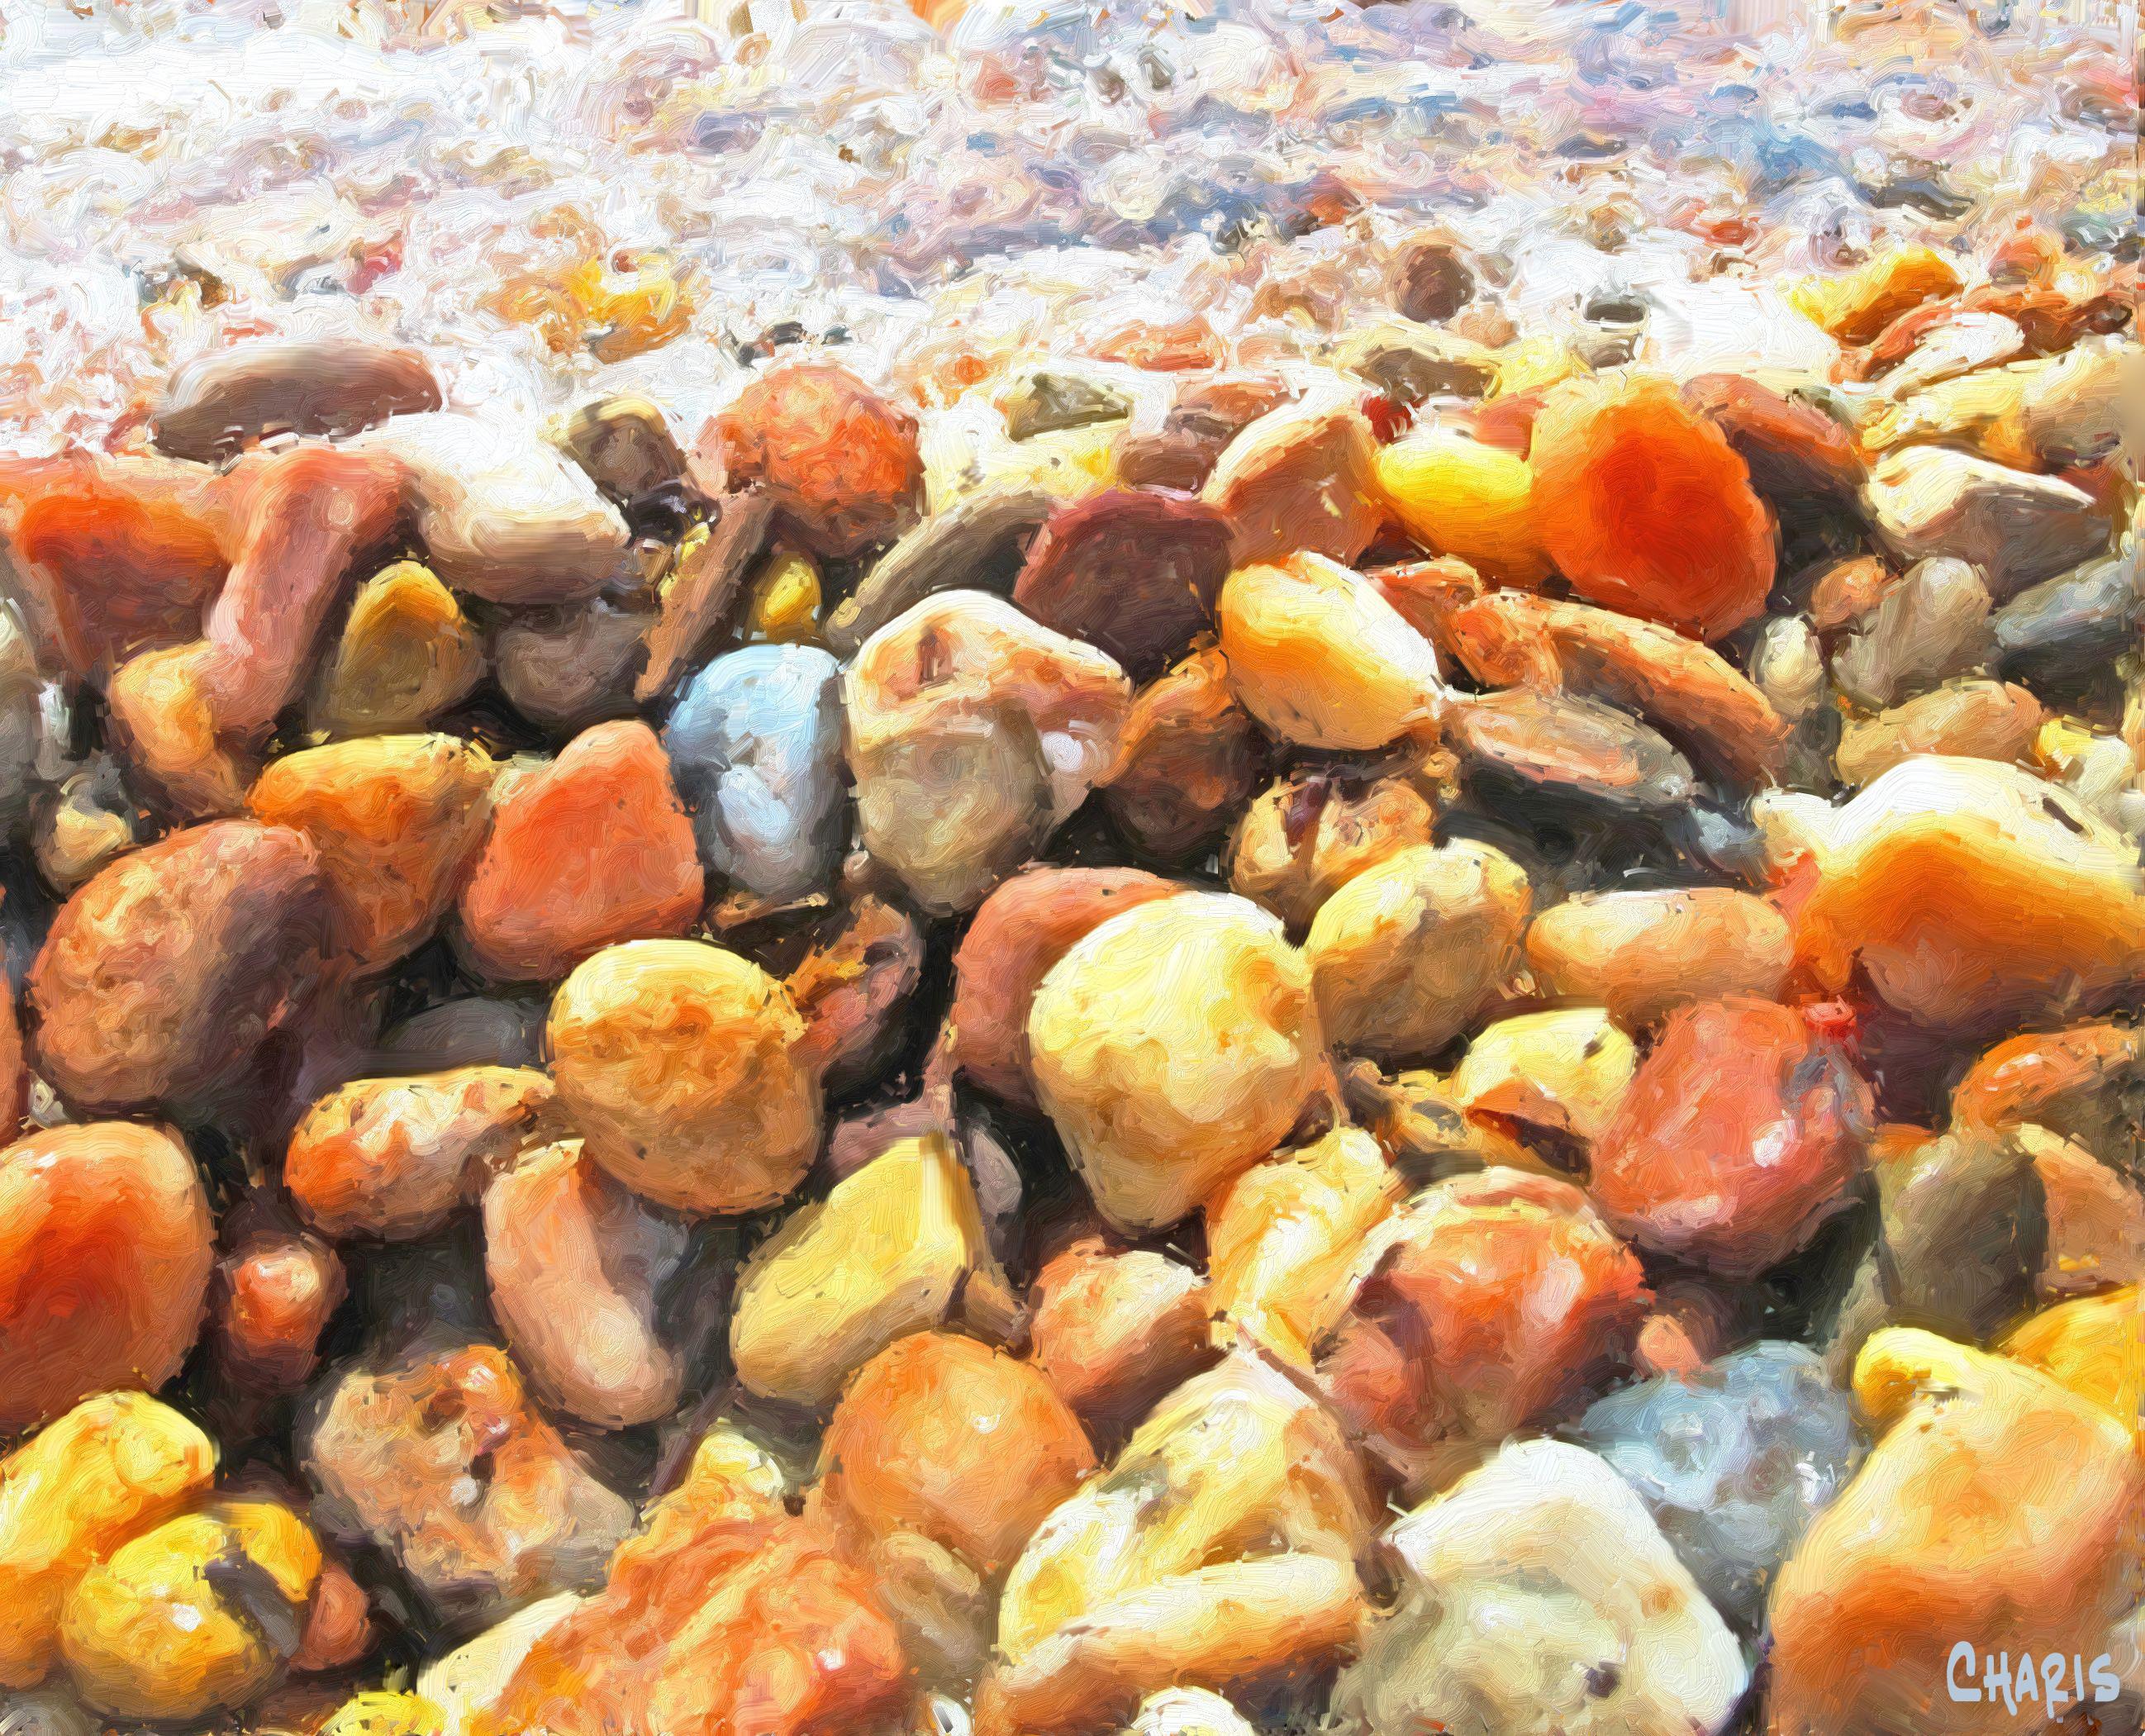 Each Stone on the Beach